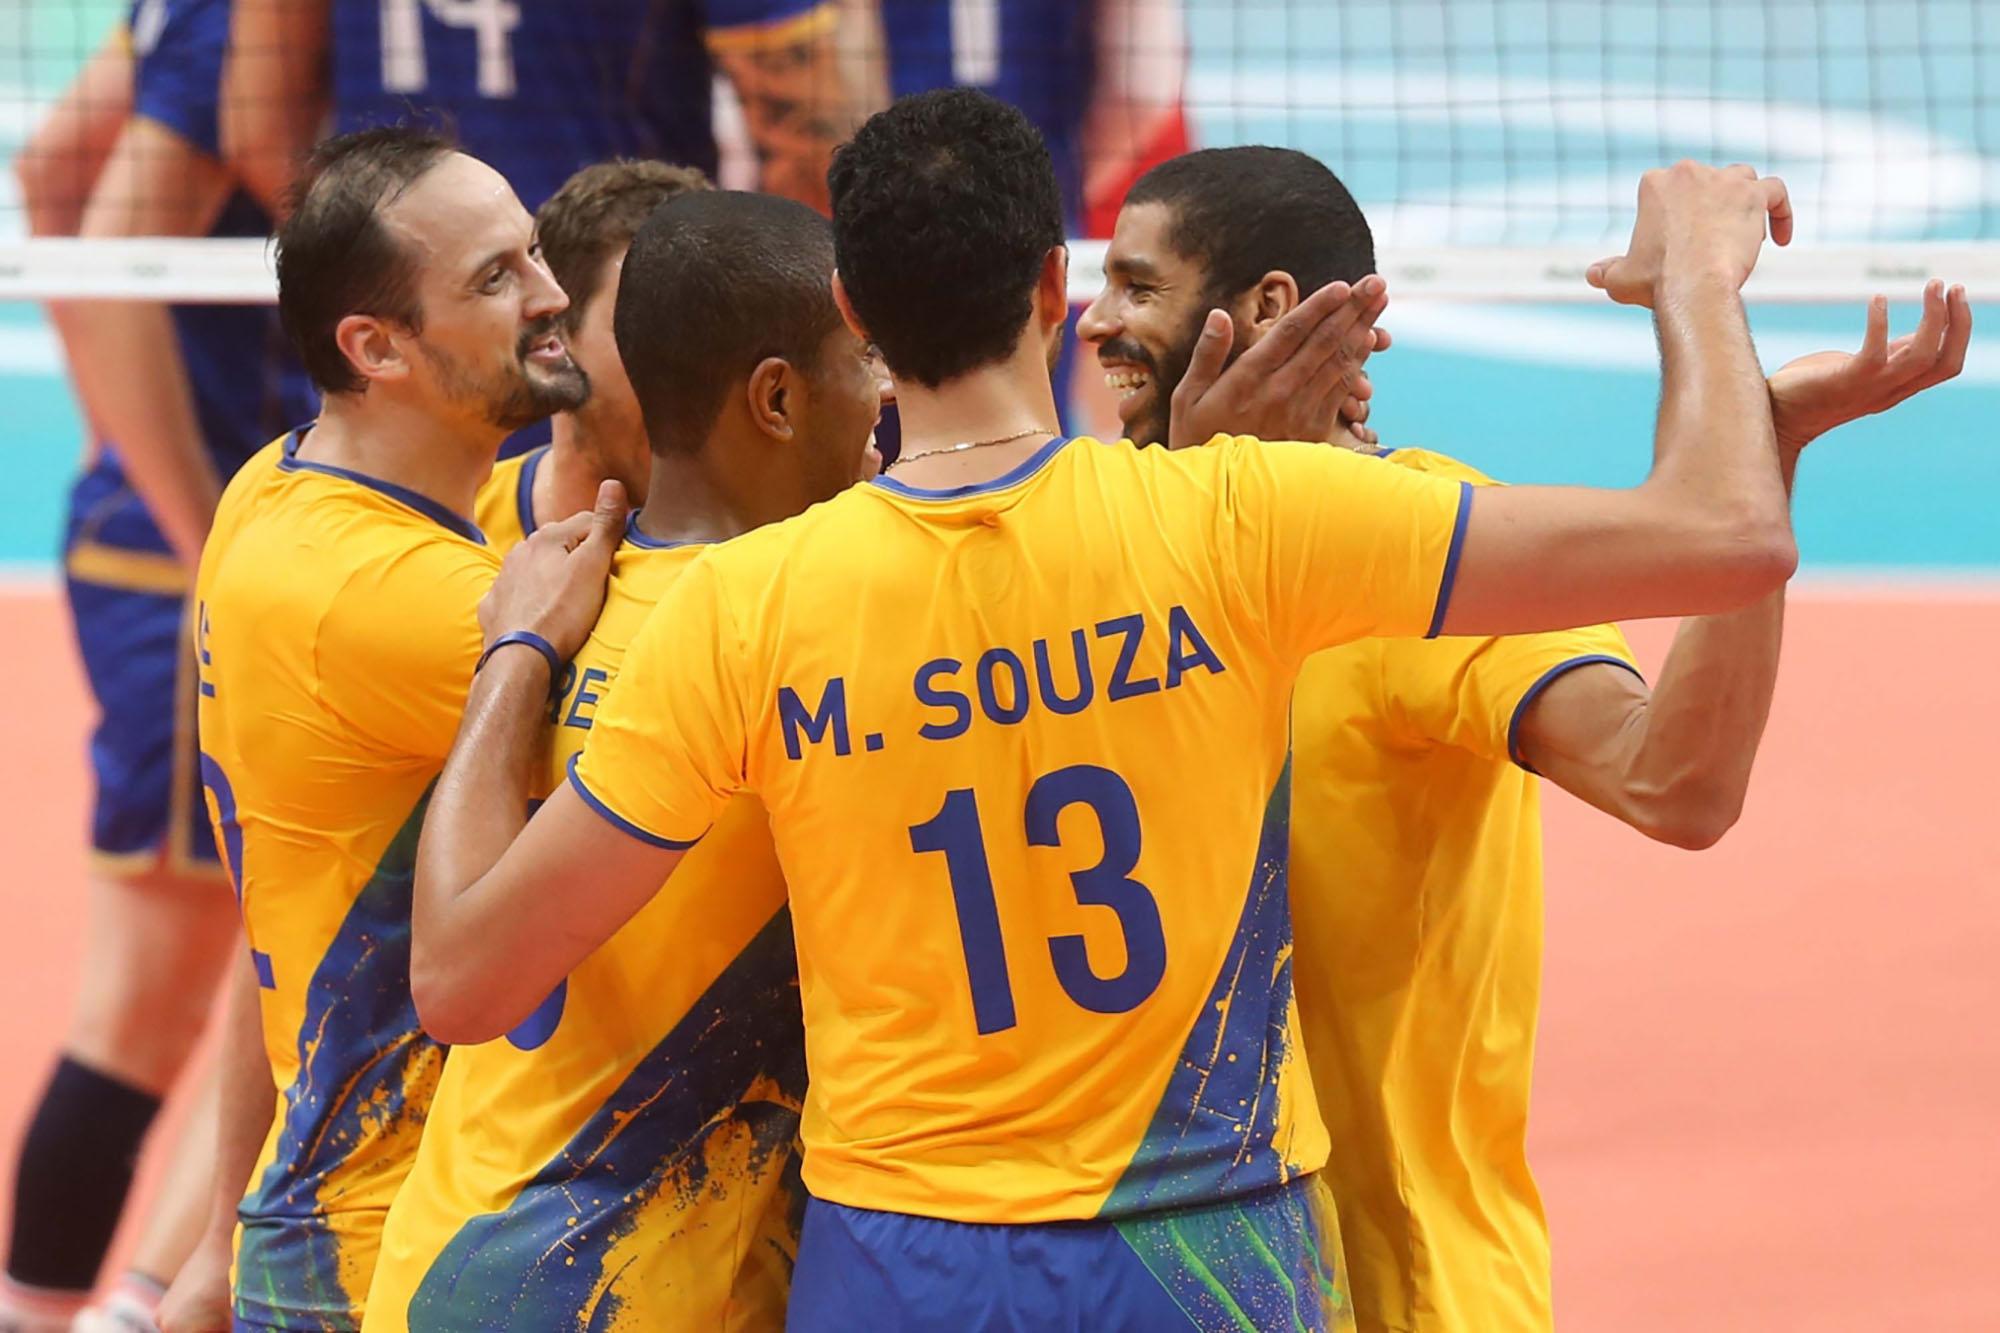 Brasil vence e está classificado para as quartas de final